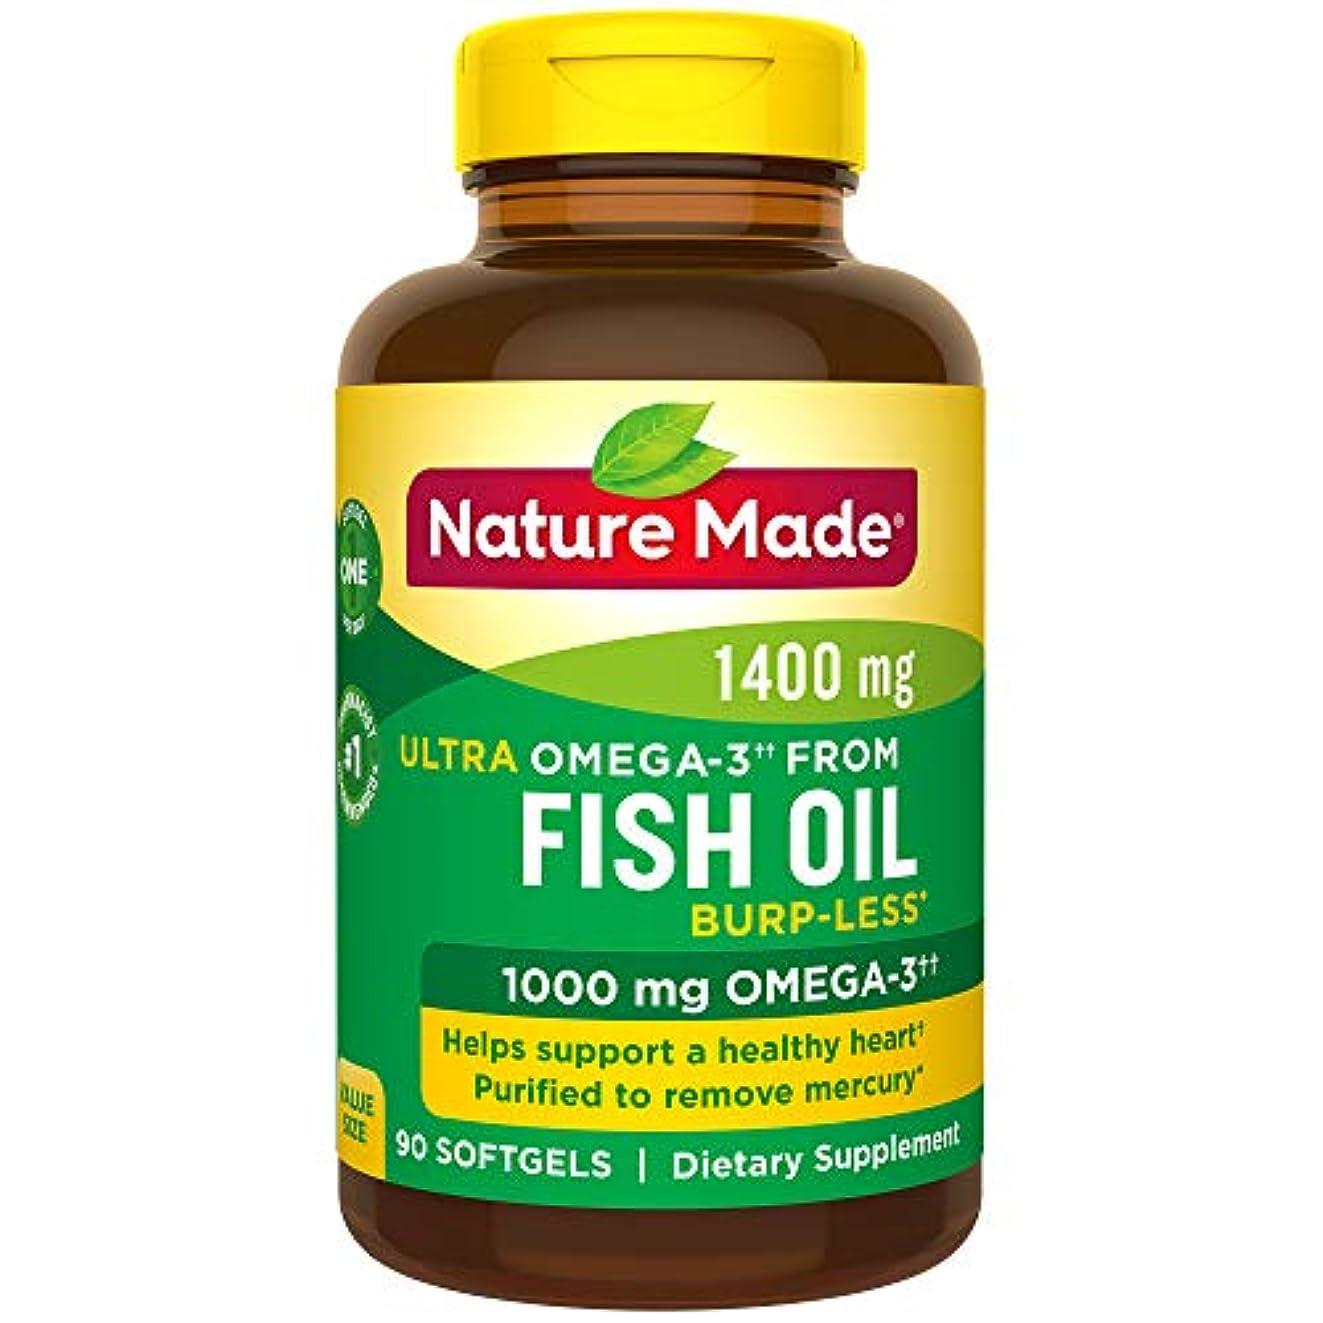 年熱心明快Nature Made Ultra Omega-3 Fish Oil Value Size Softgel, 1400 mg, 90 Count 海外直送品